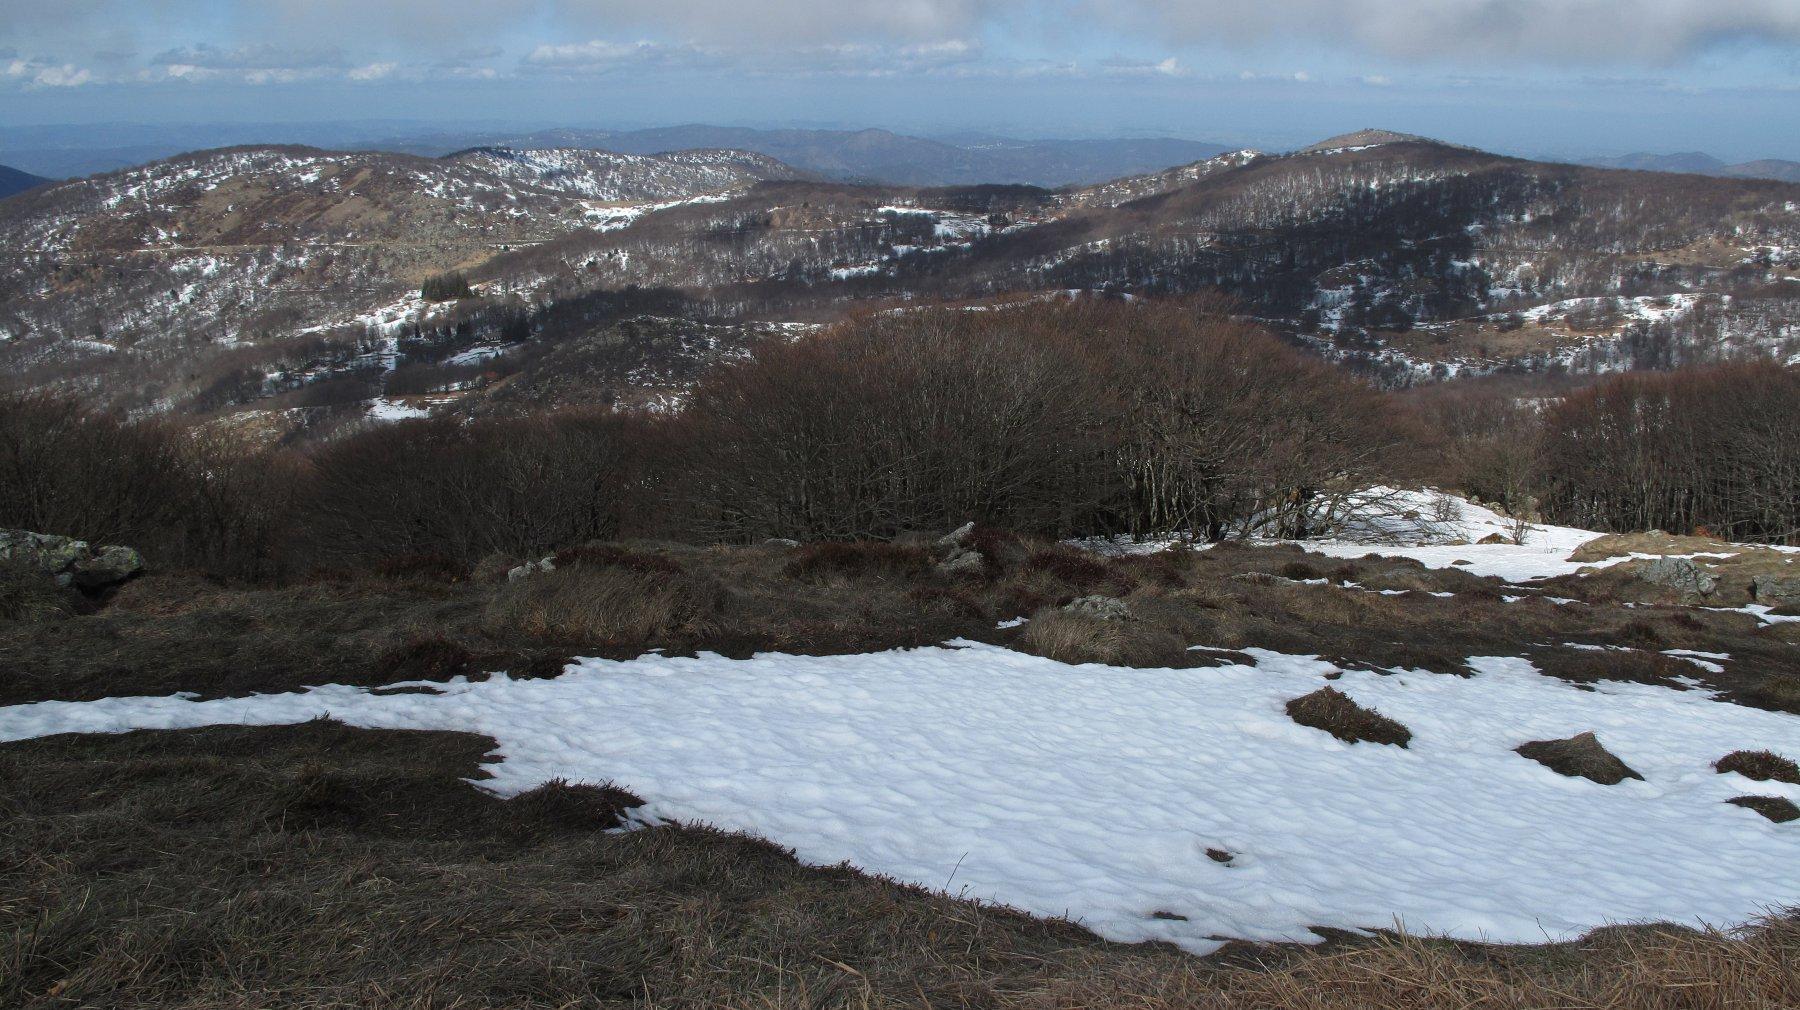 sotto la vetta la neve è scomparsa